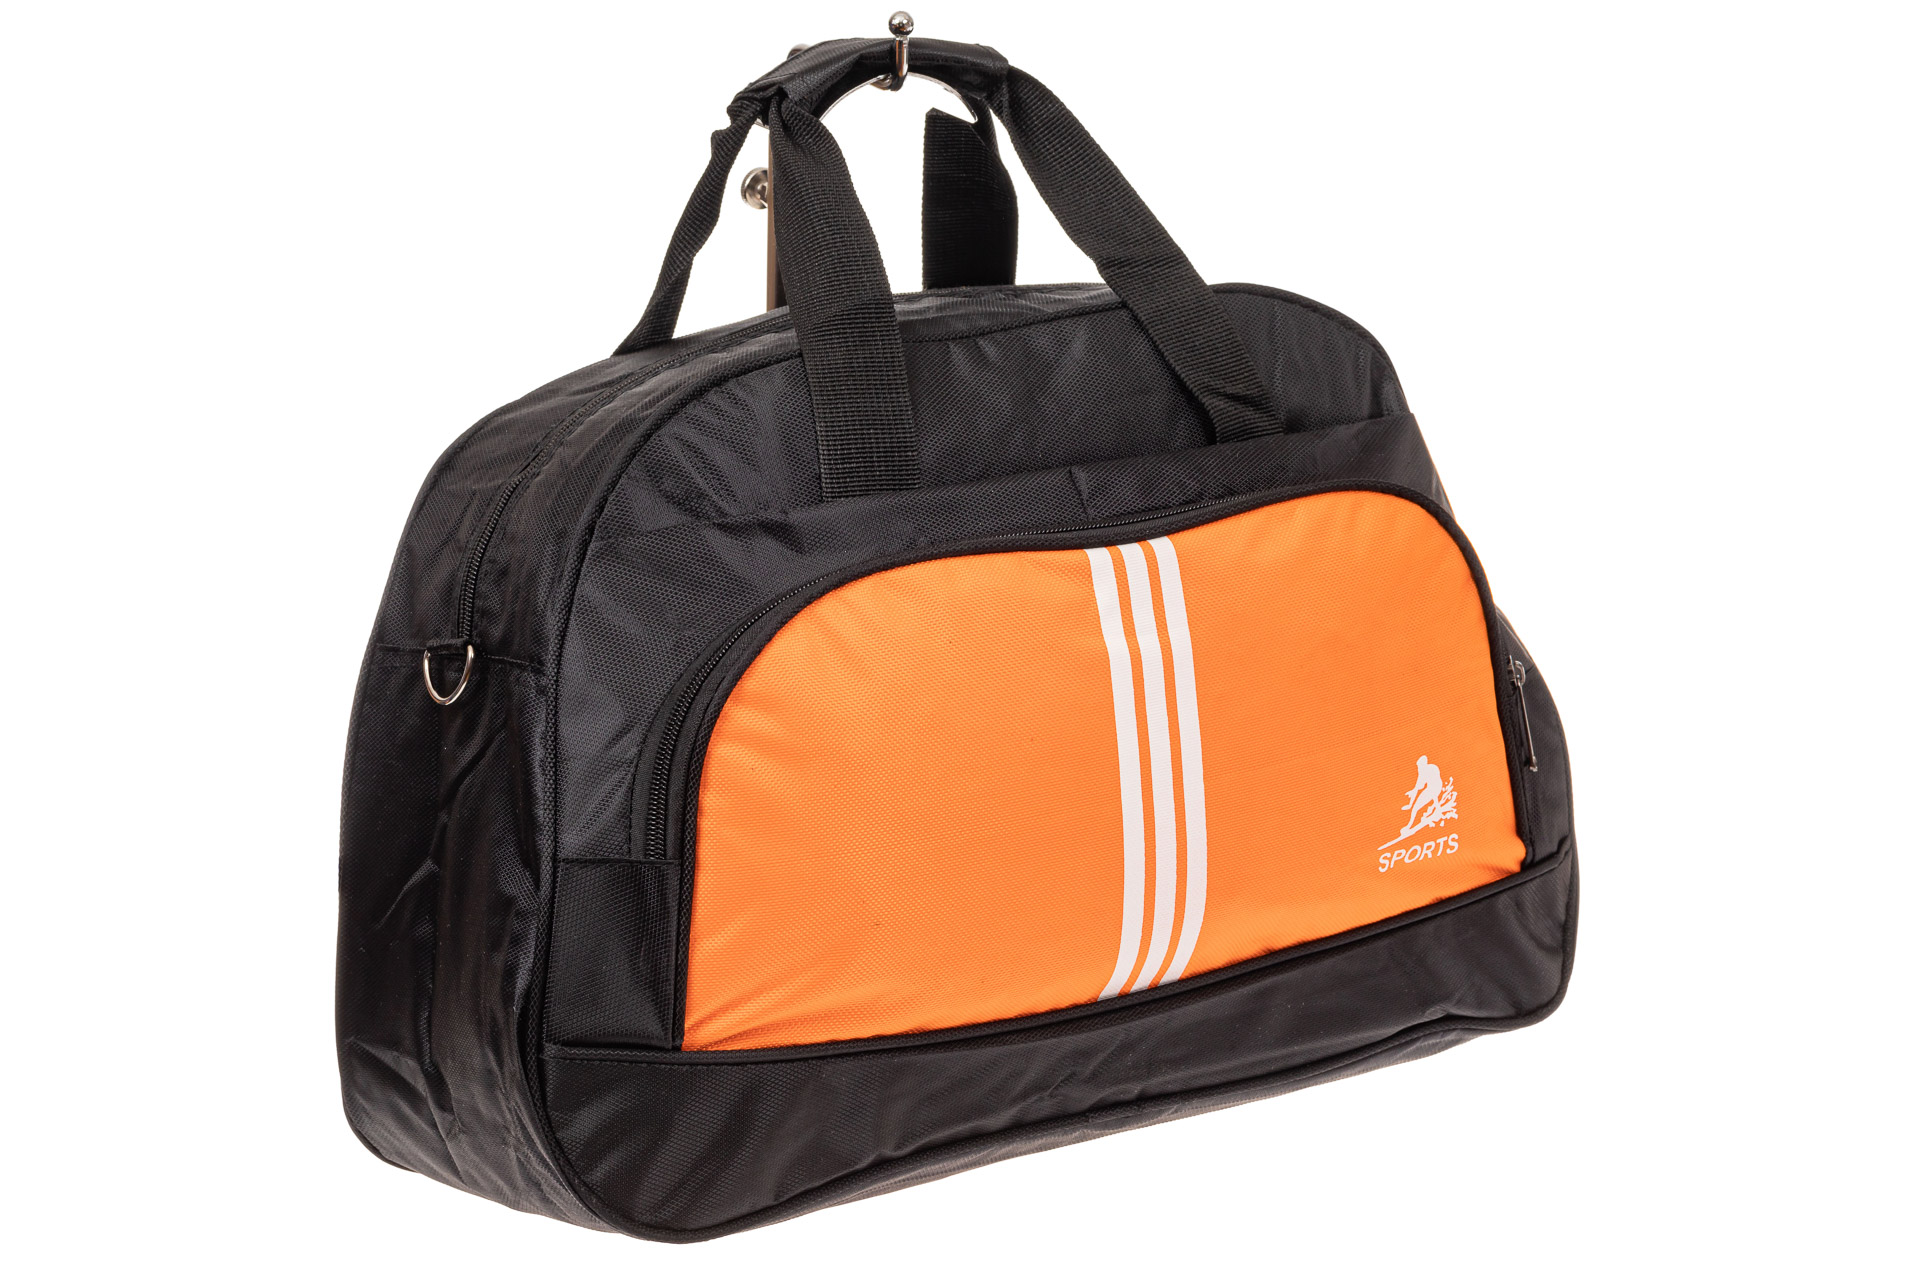 Спортивная сумка из текстиля, цвет оранжевый1622DS0120/15